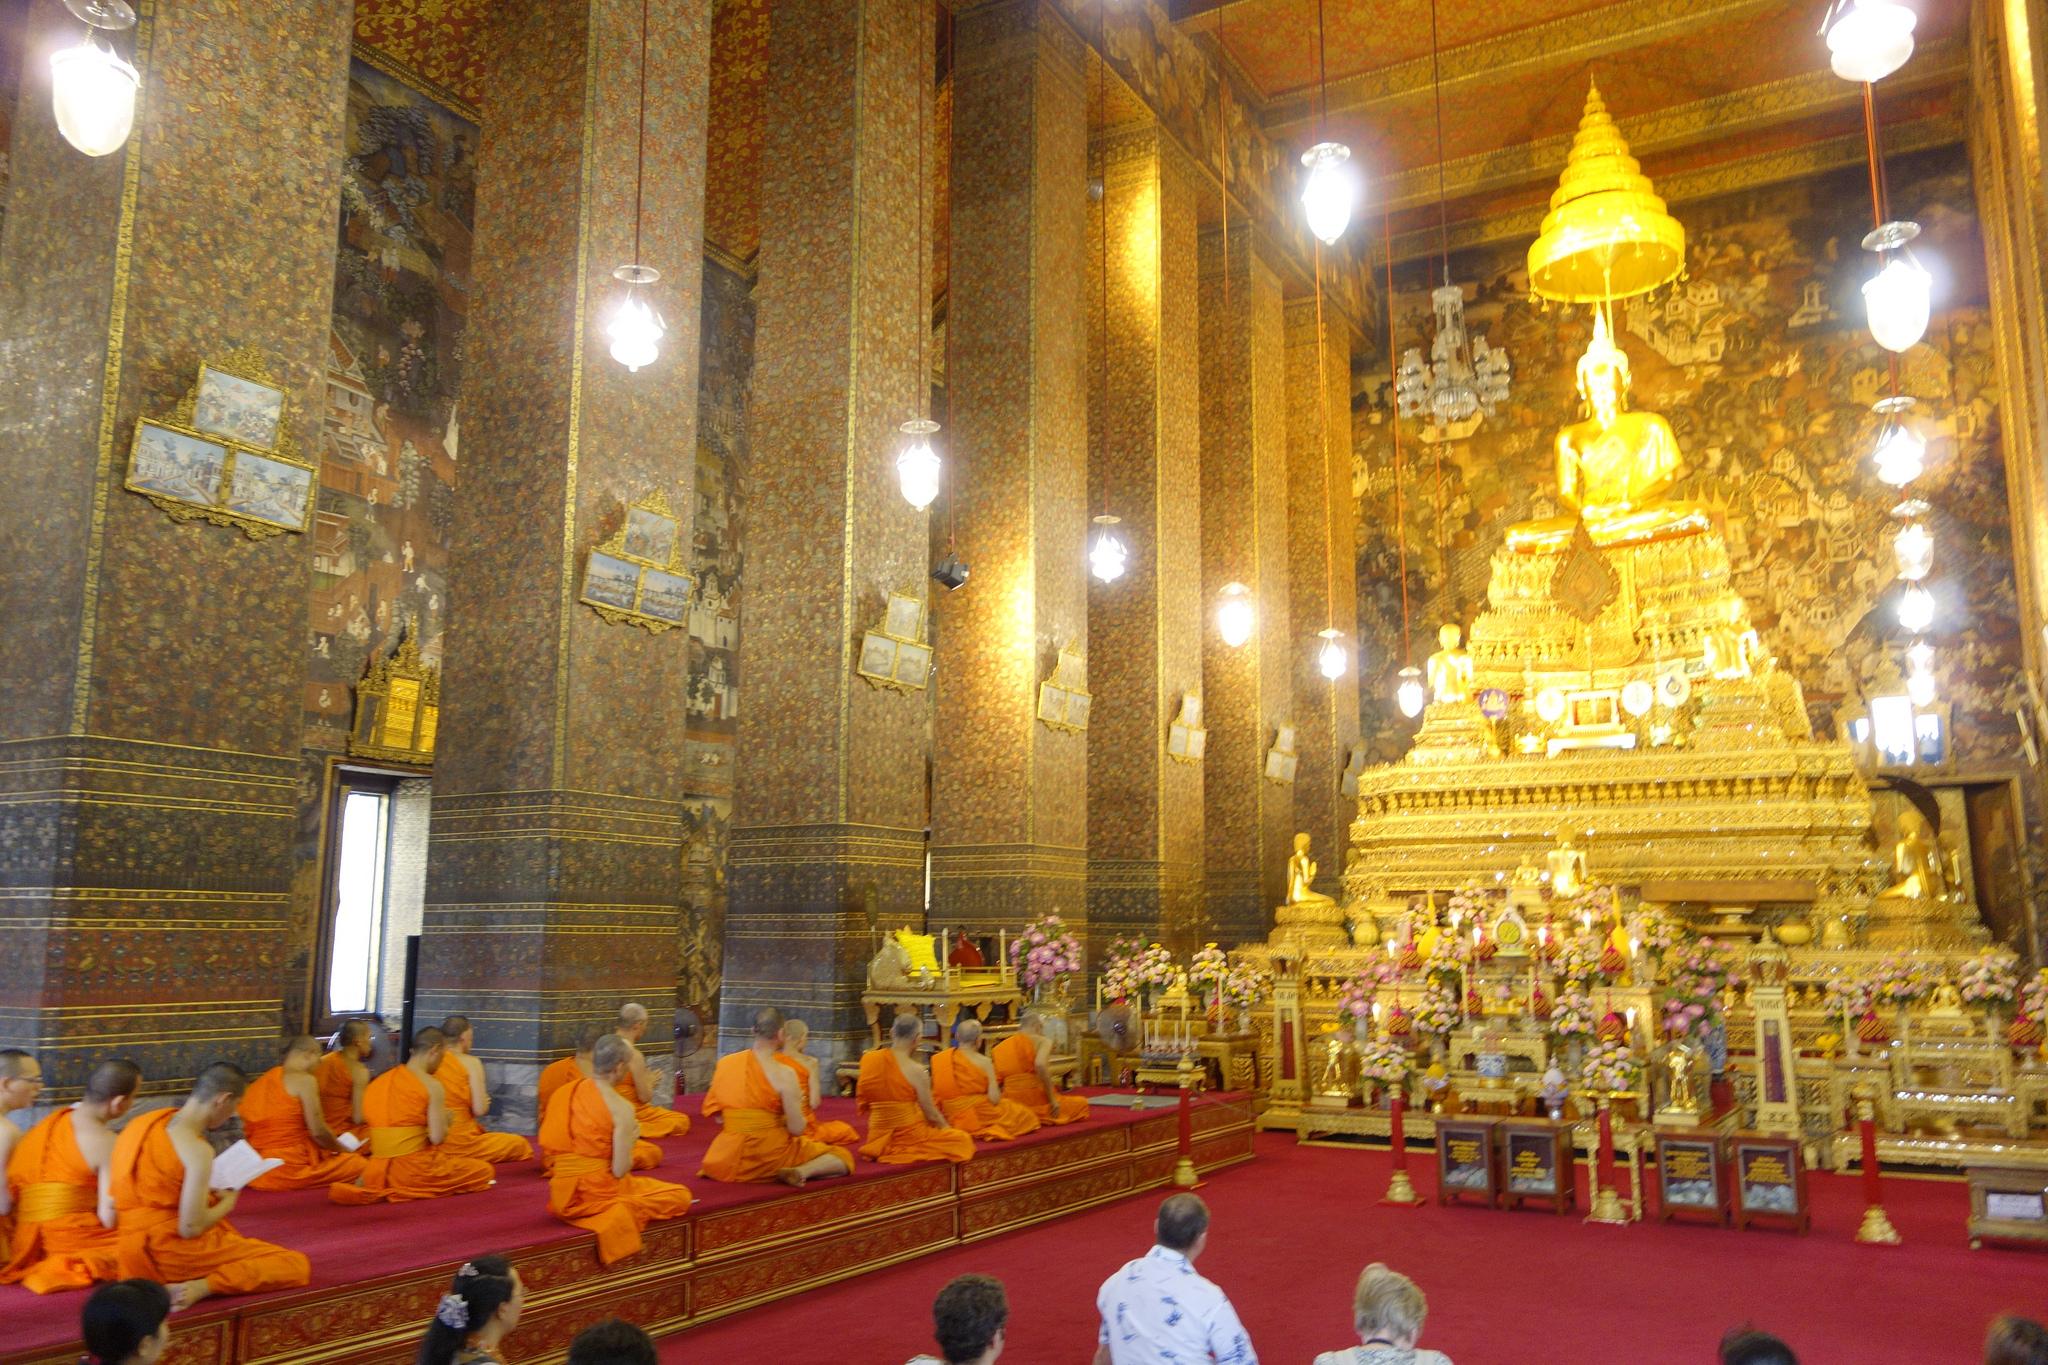 Раттанакосин, интерьер храма Лежащего Будды